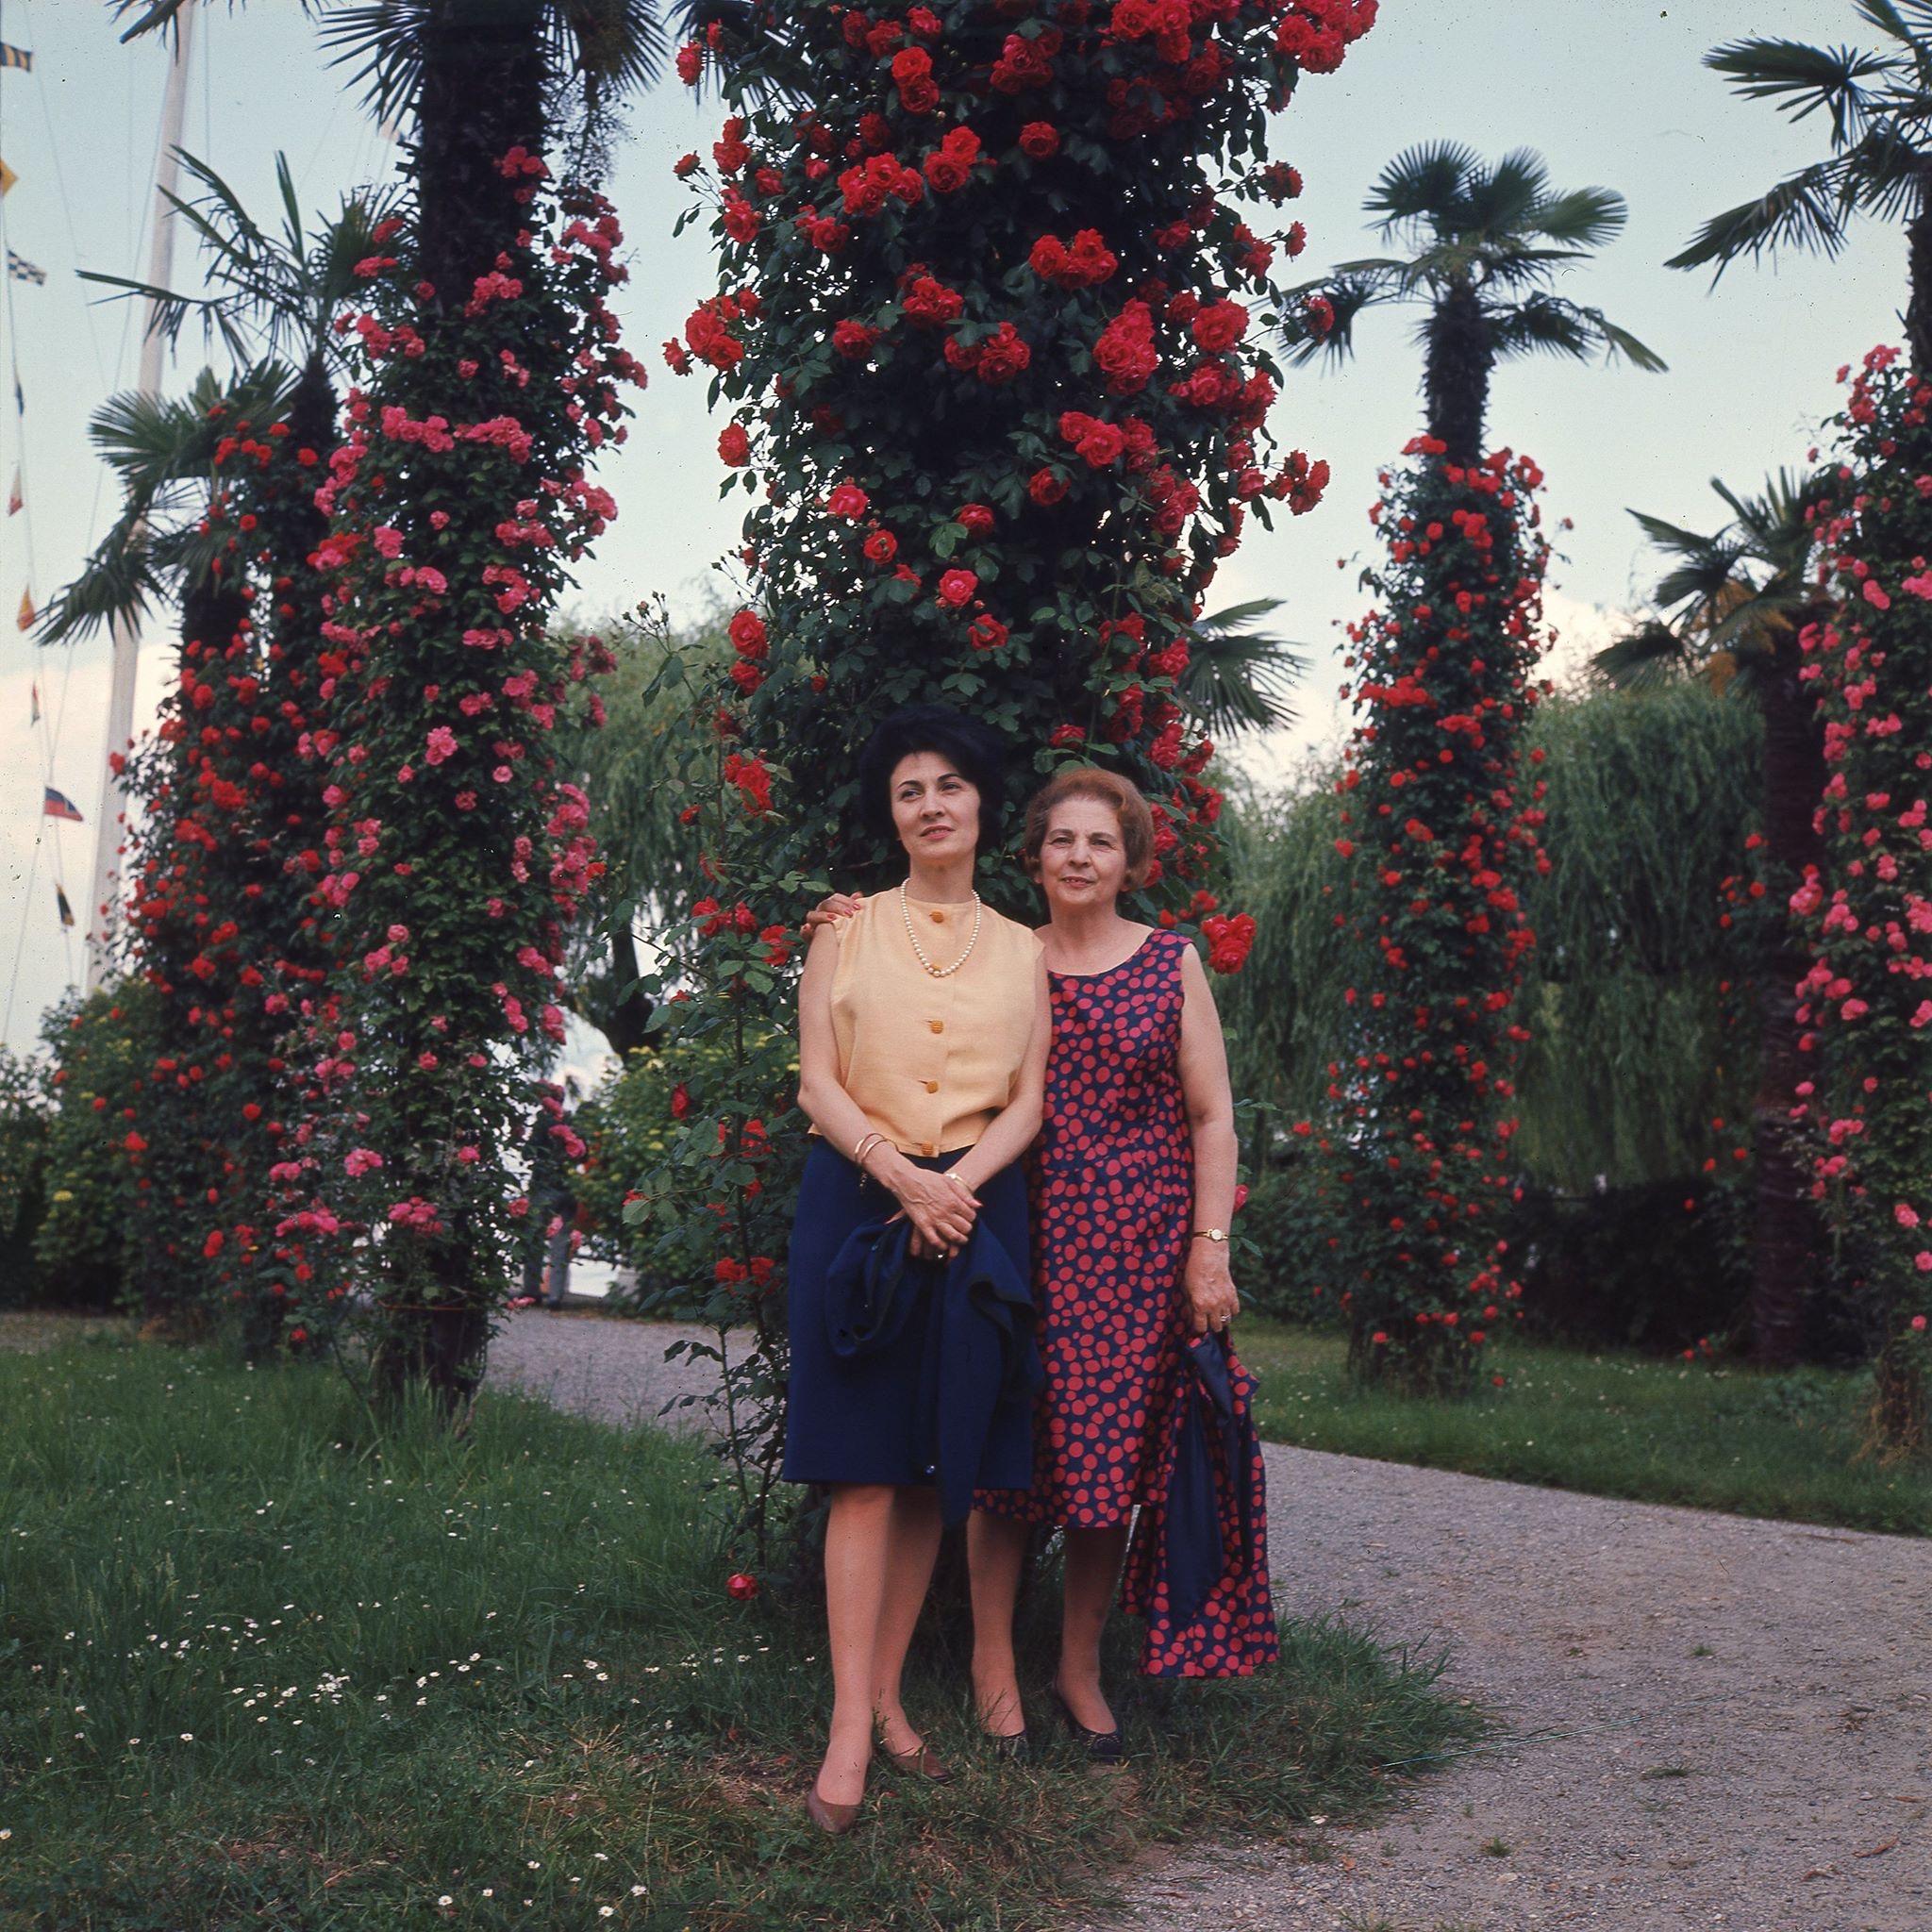 nonna Giulia e zia Giovanna, davanti a colonne di rose rampicanti